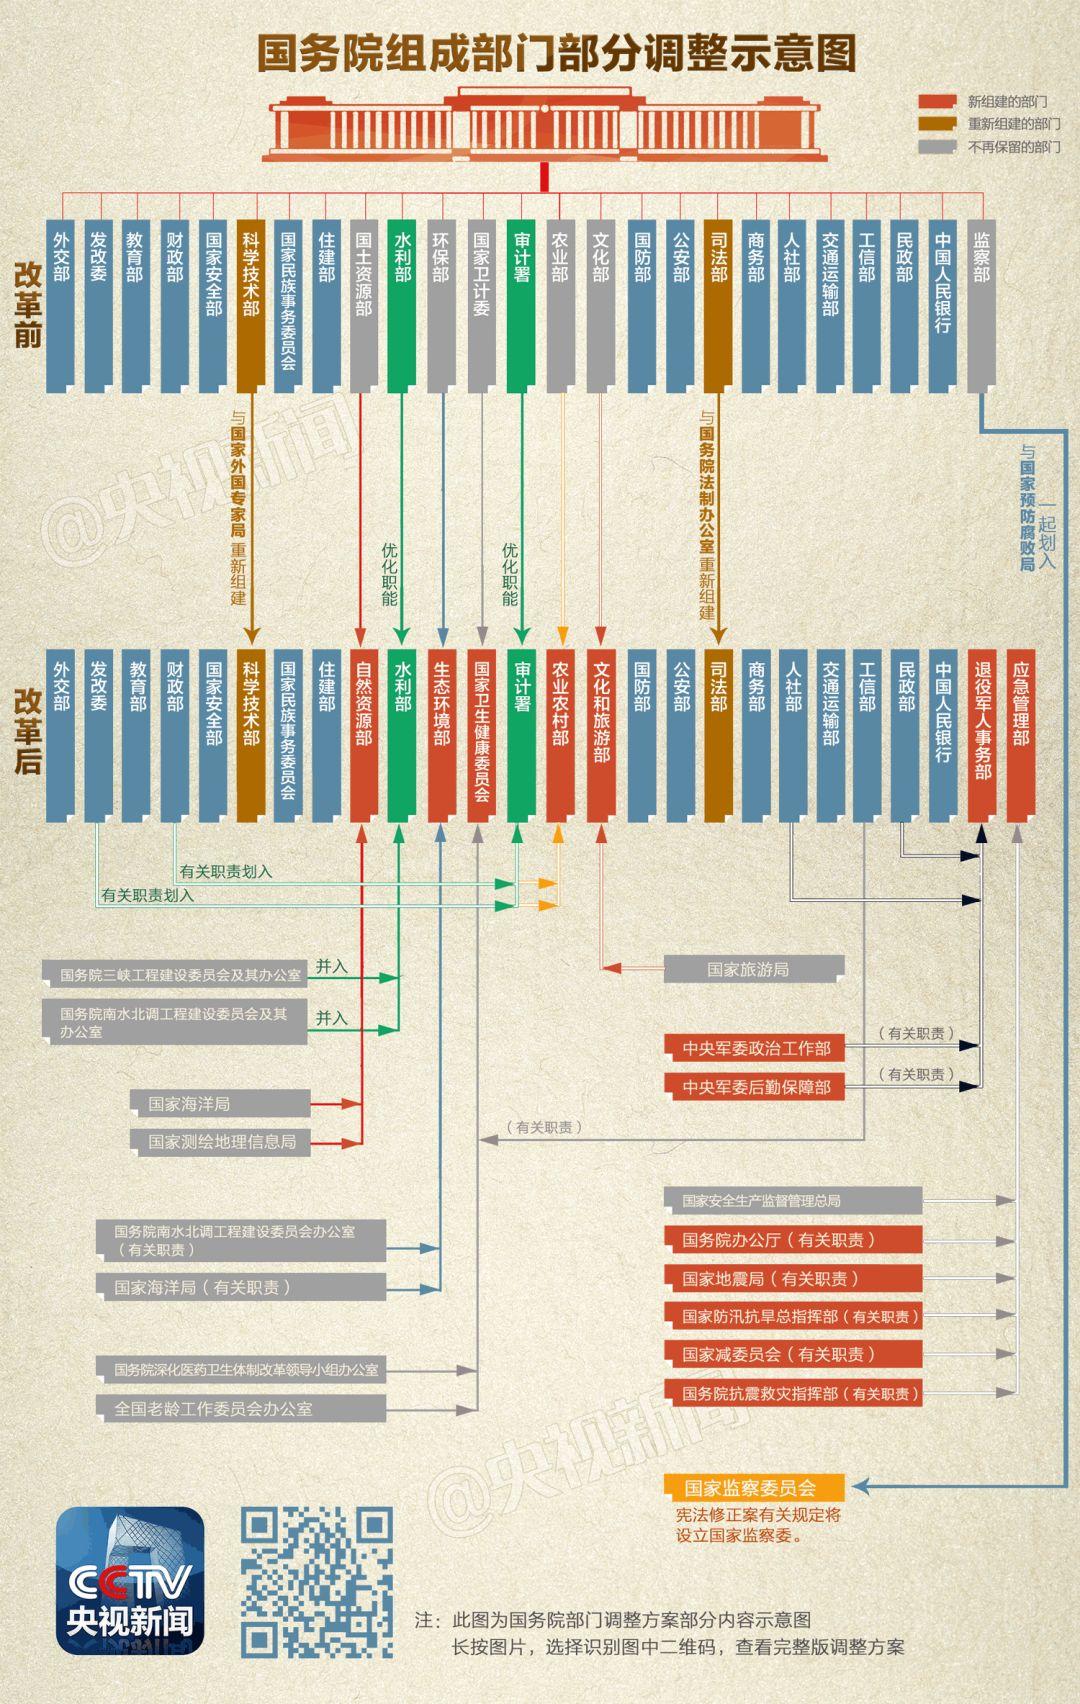 极简版!一张小图带你看清国务院机构改革方案